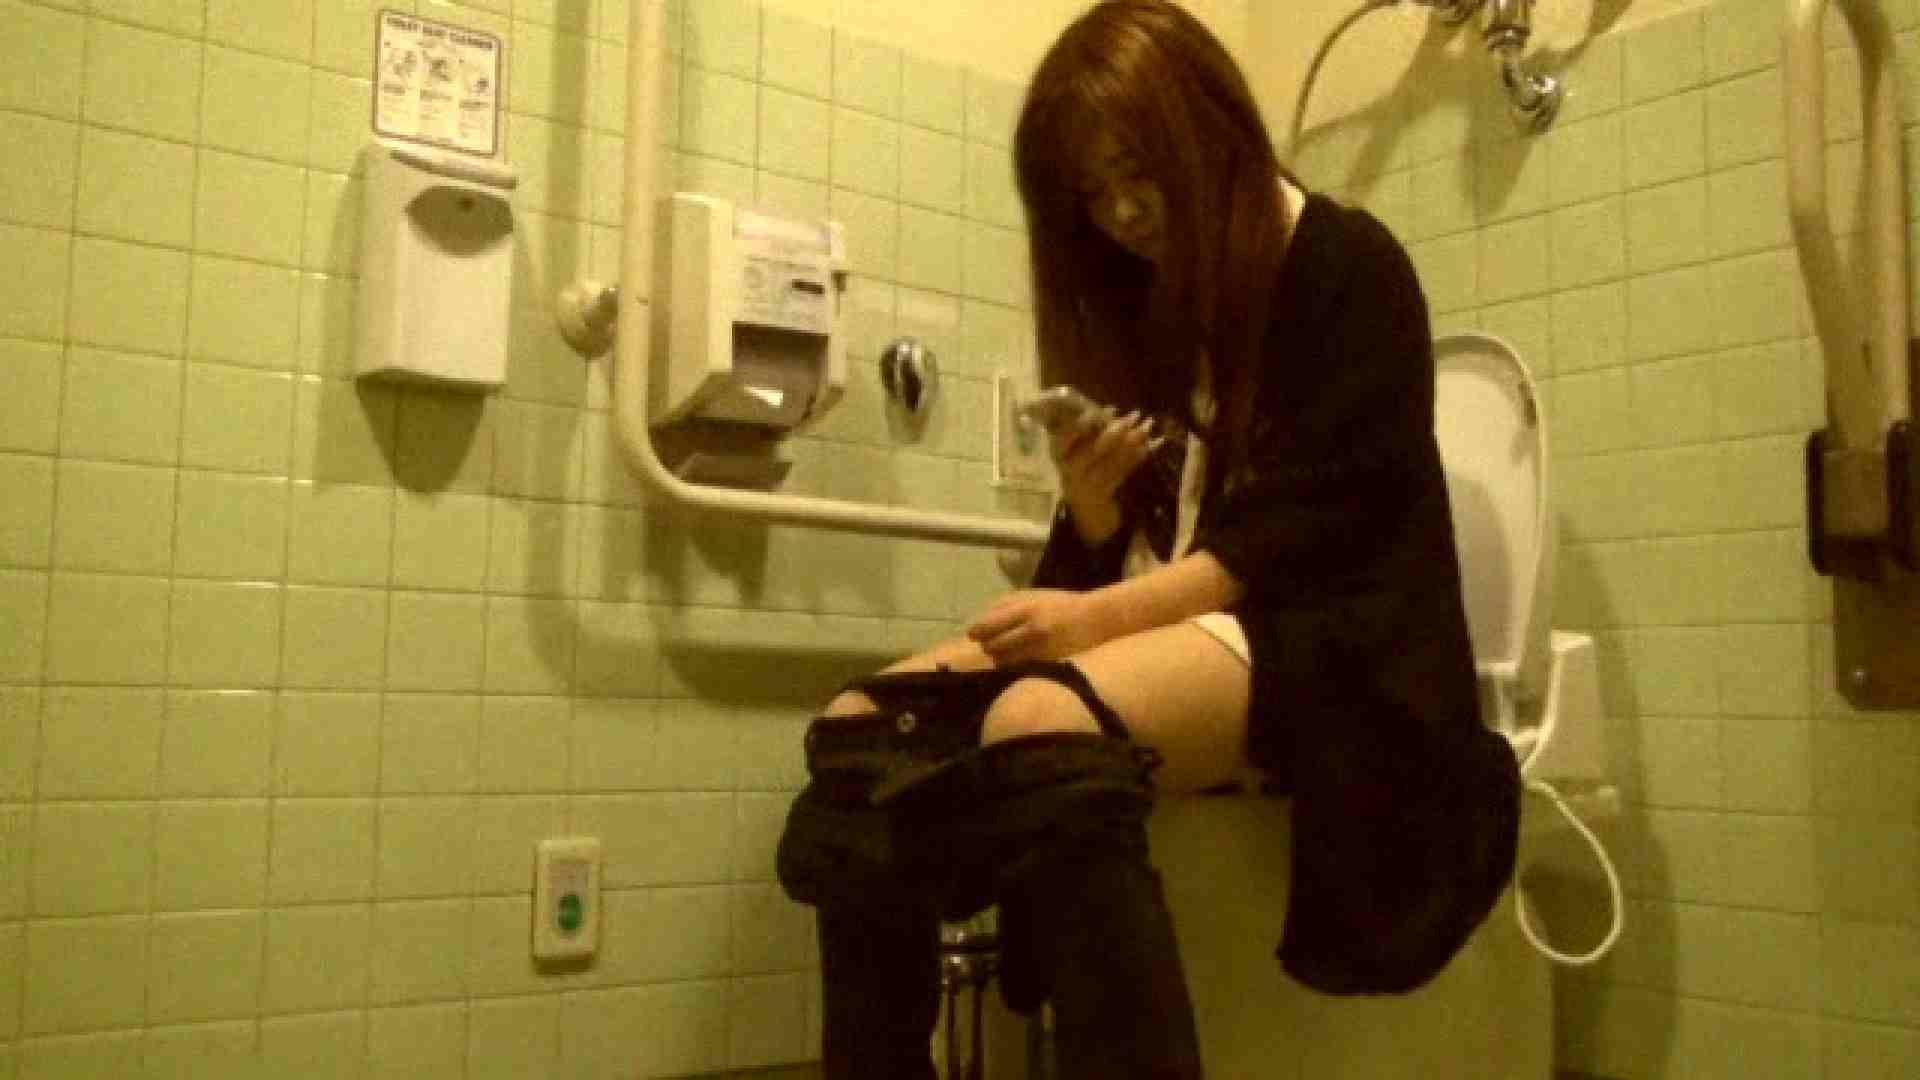 魔術師の お・も・て・な・し vol.26 19歳のバーの店員さんの洗面所をしばし… 洗面所 隠し撮りおまんこ動画流出 90pic 68